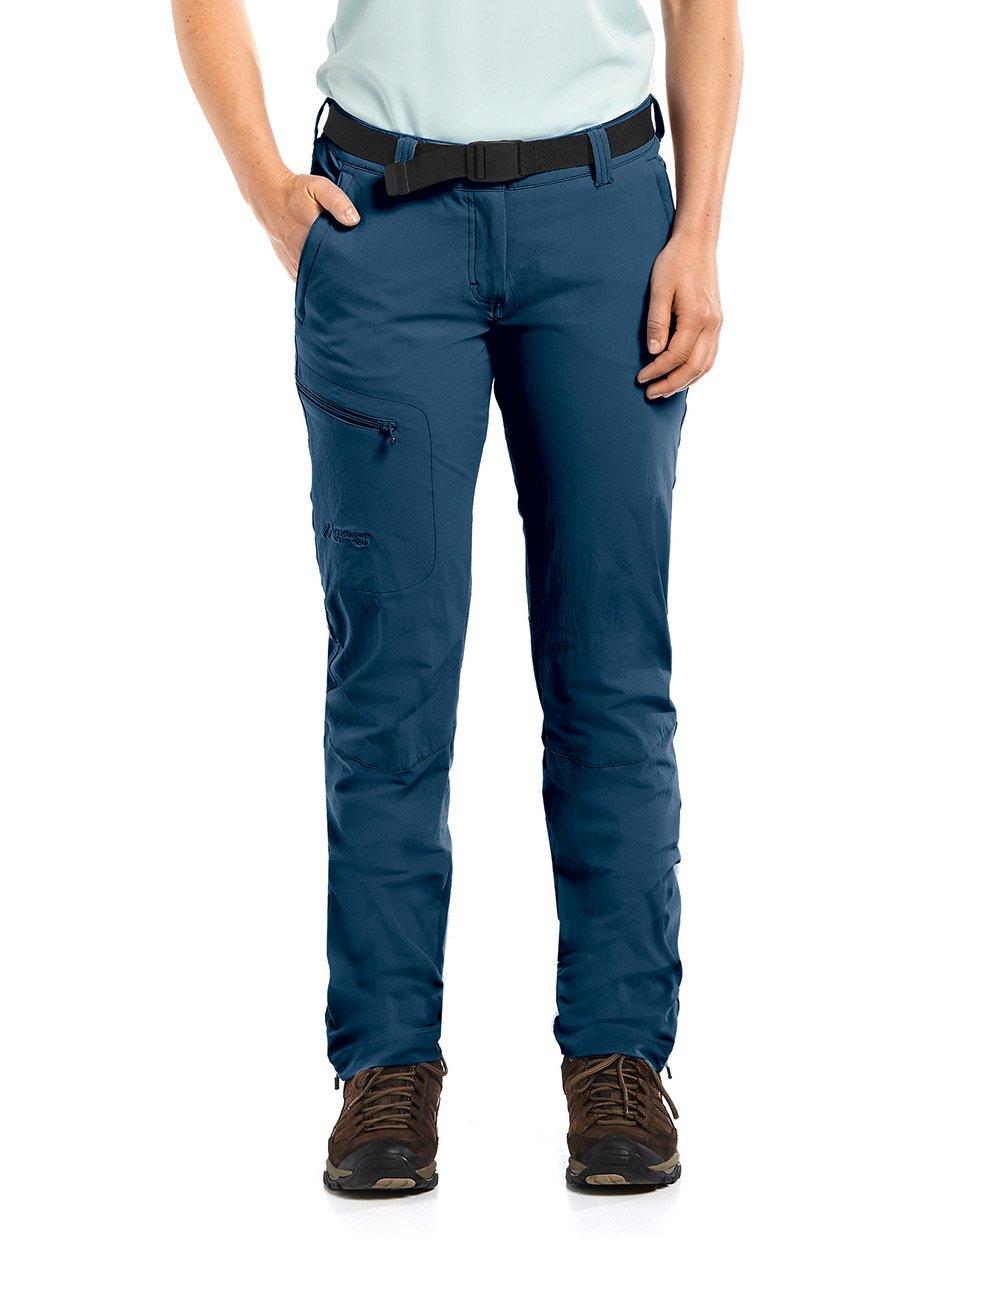 Bleu - Aviator Longueur   76 cm Maier Sports - 232009 - Inara slim - Pantalon - Femme